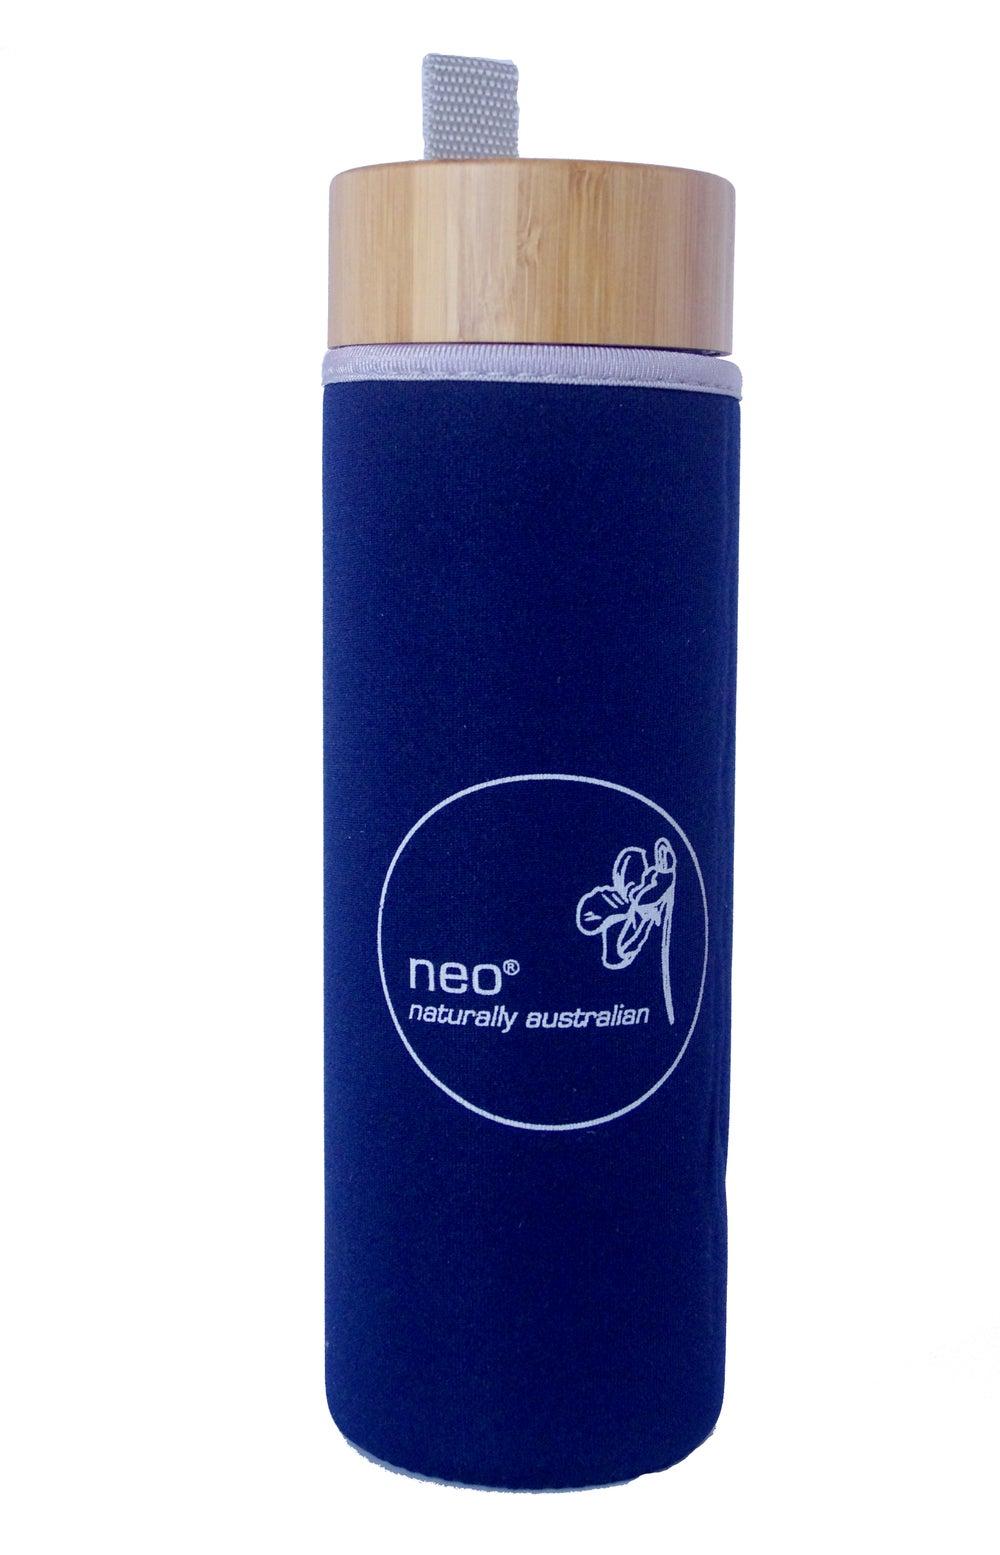 Image of Neoprene Infuser Bottle Sleeve for 450ml size